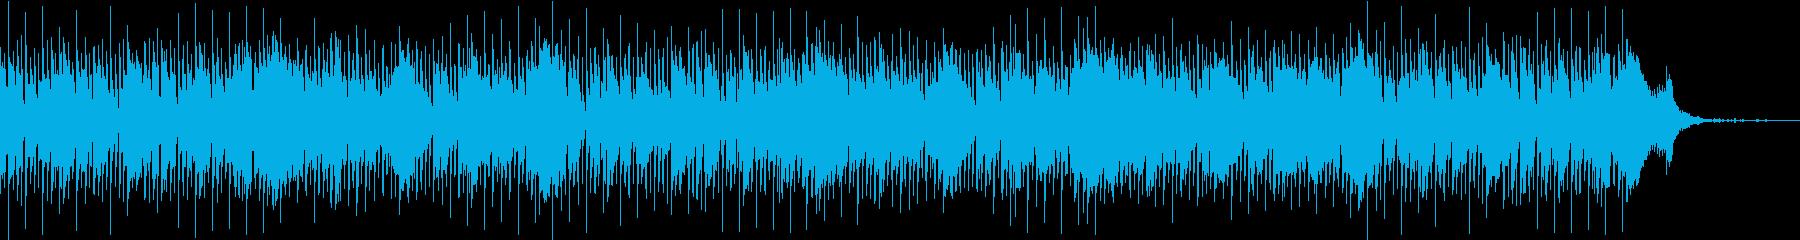 ゆったりおしゃれな大人のジャズの再生済みの波形